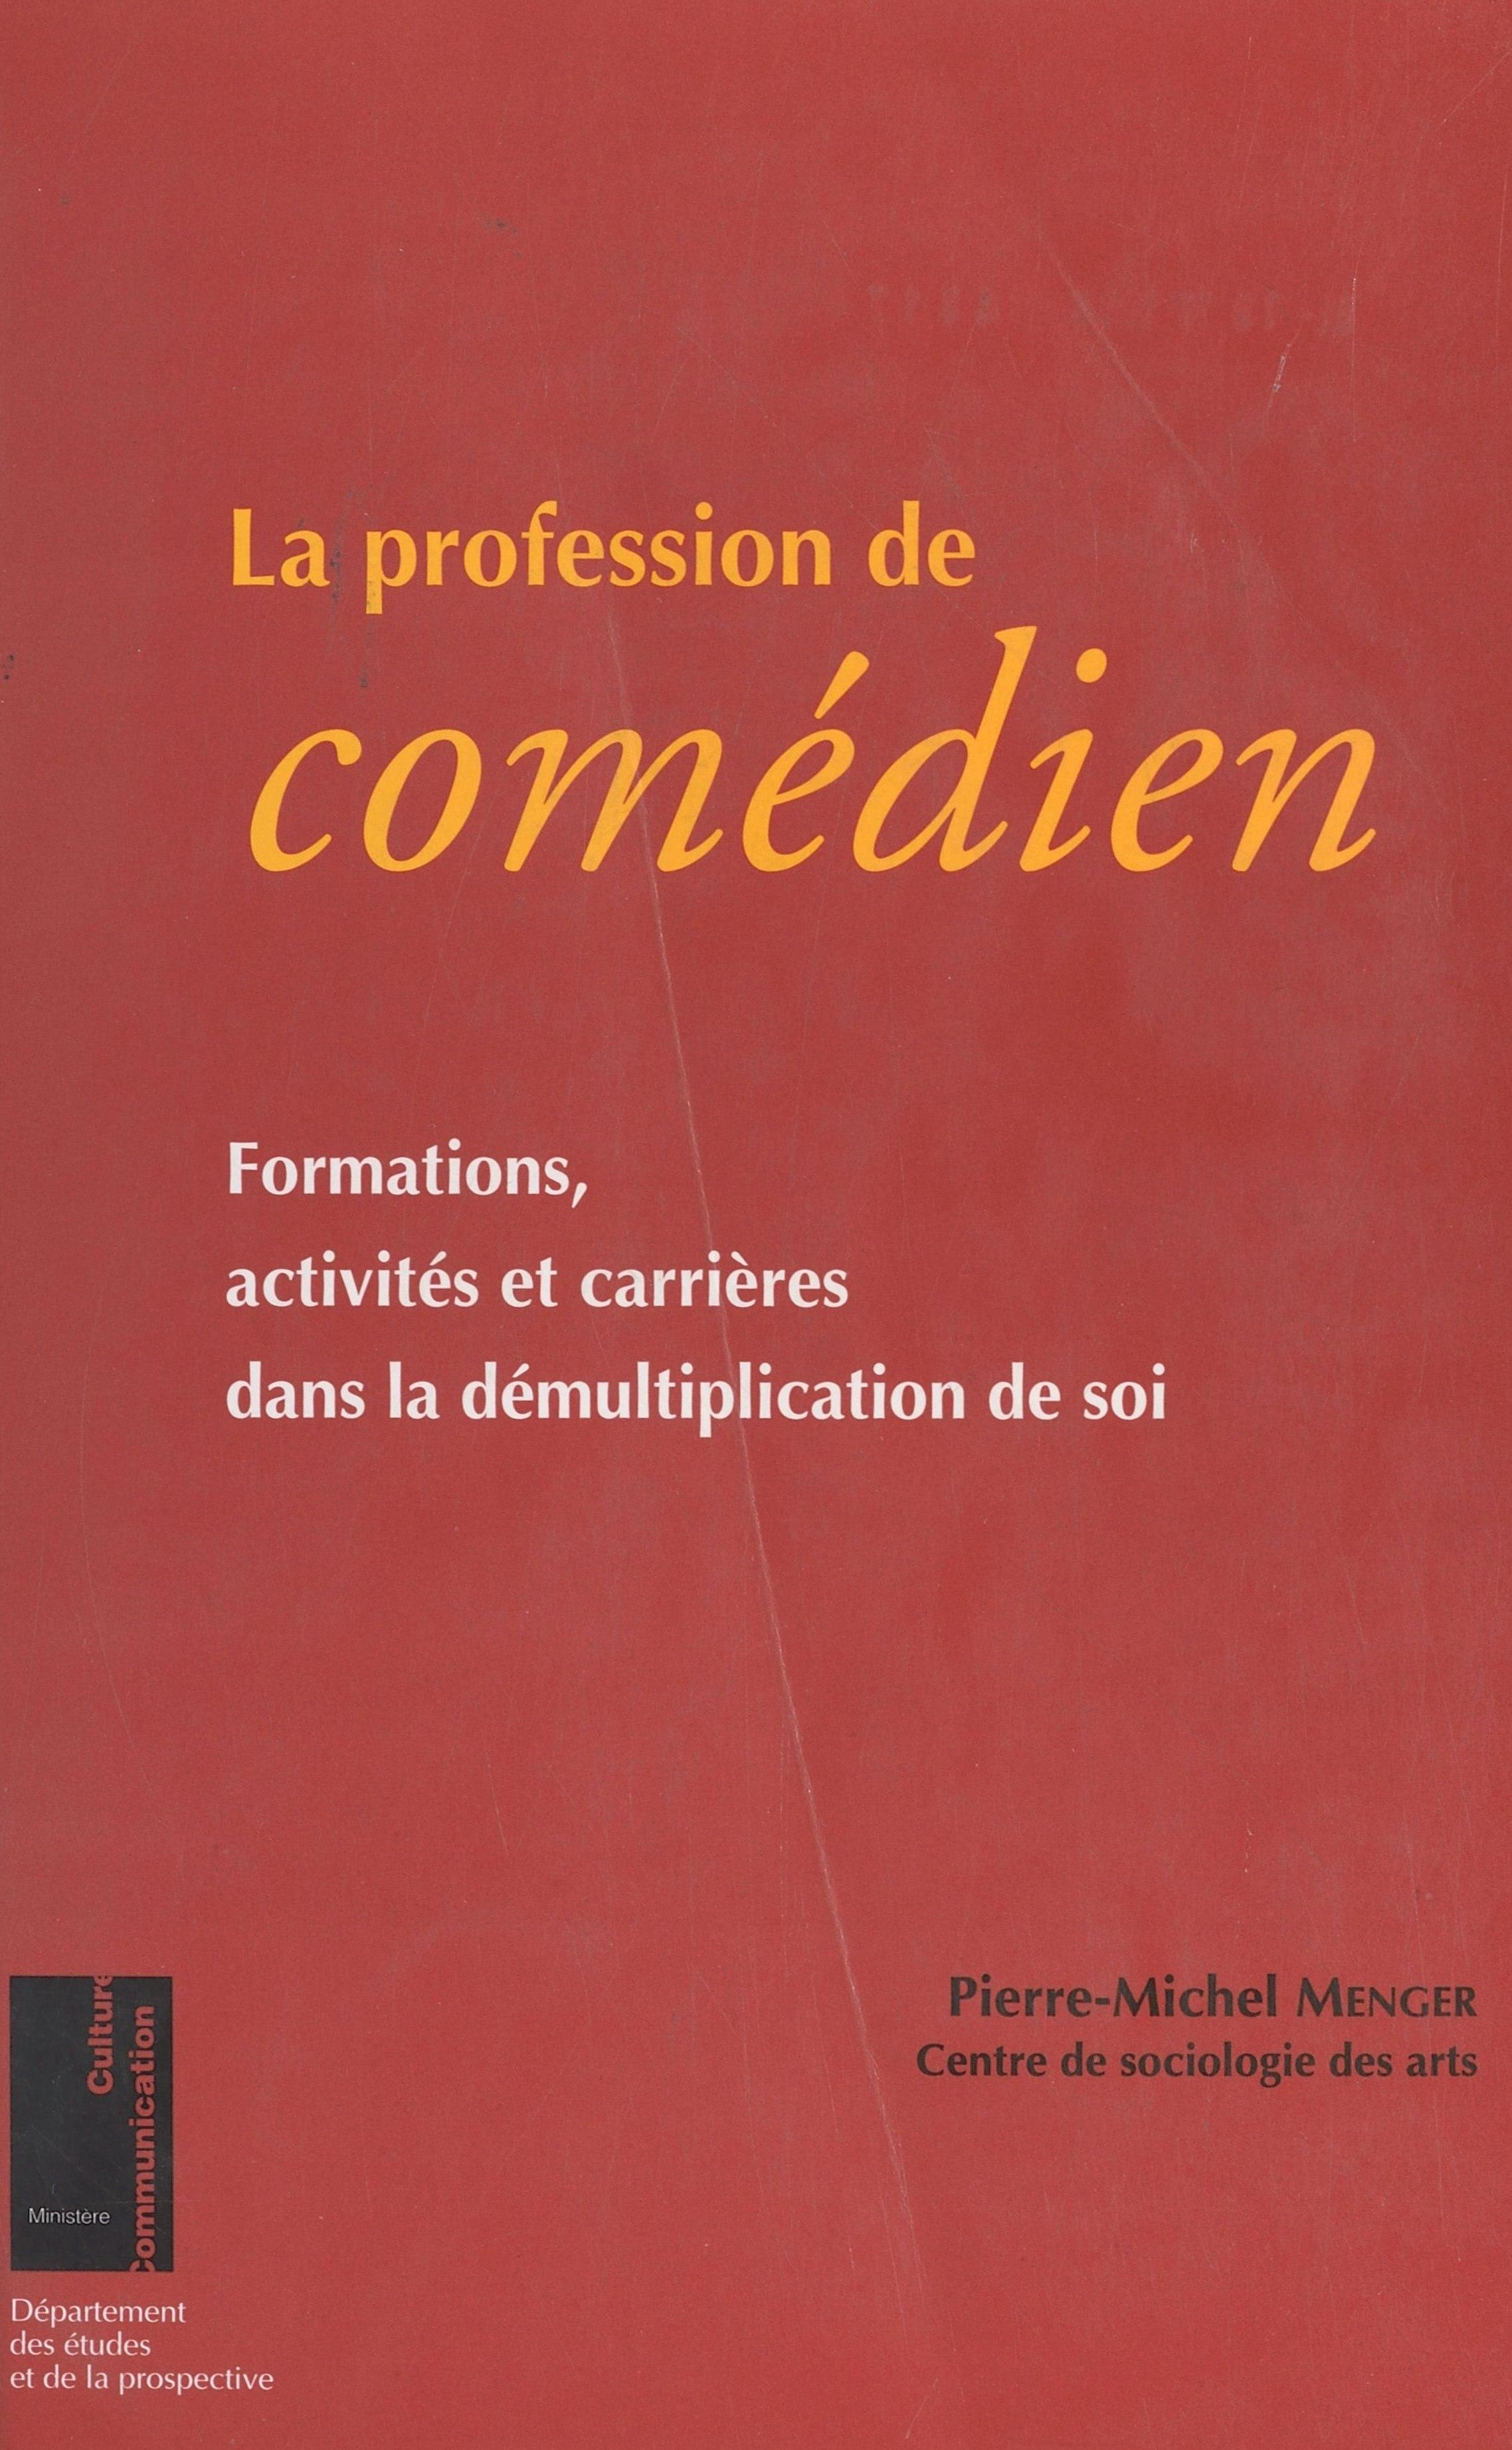 La profession de comédien : formations, activités et carrières dans la démultiplication de soi